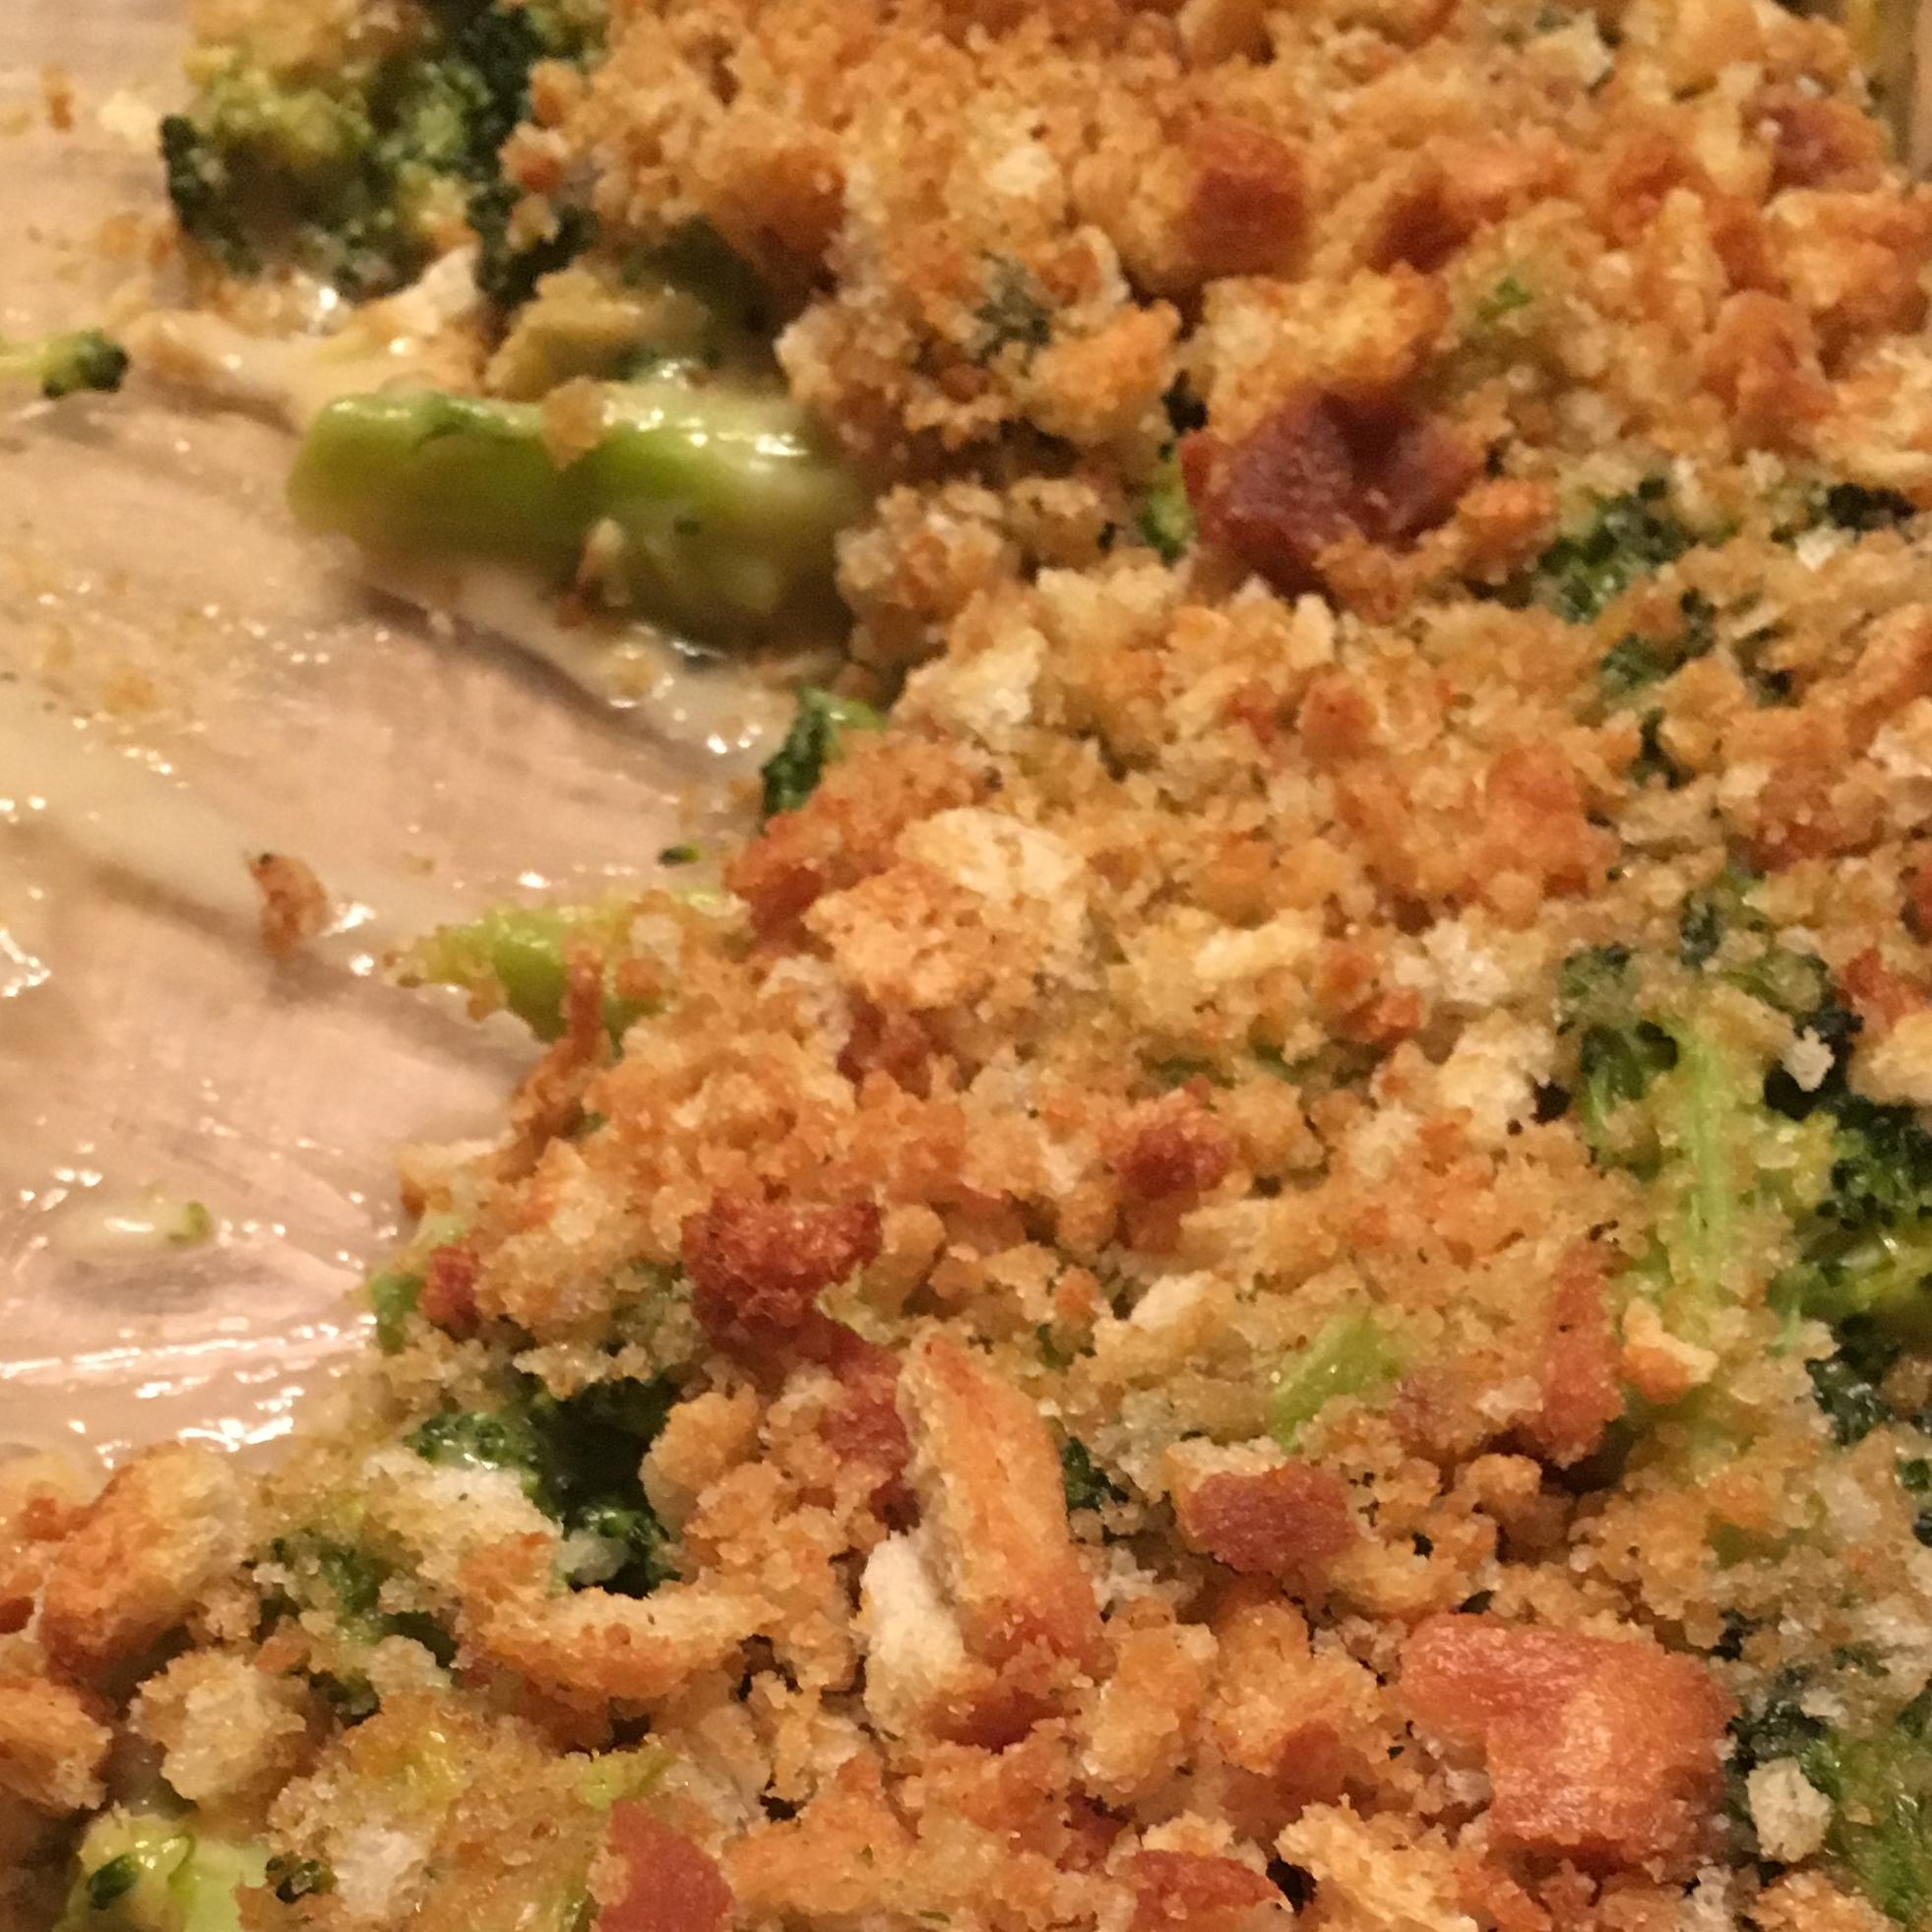 Aunt Millie's Broccoli Casserole